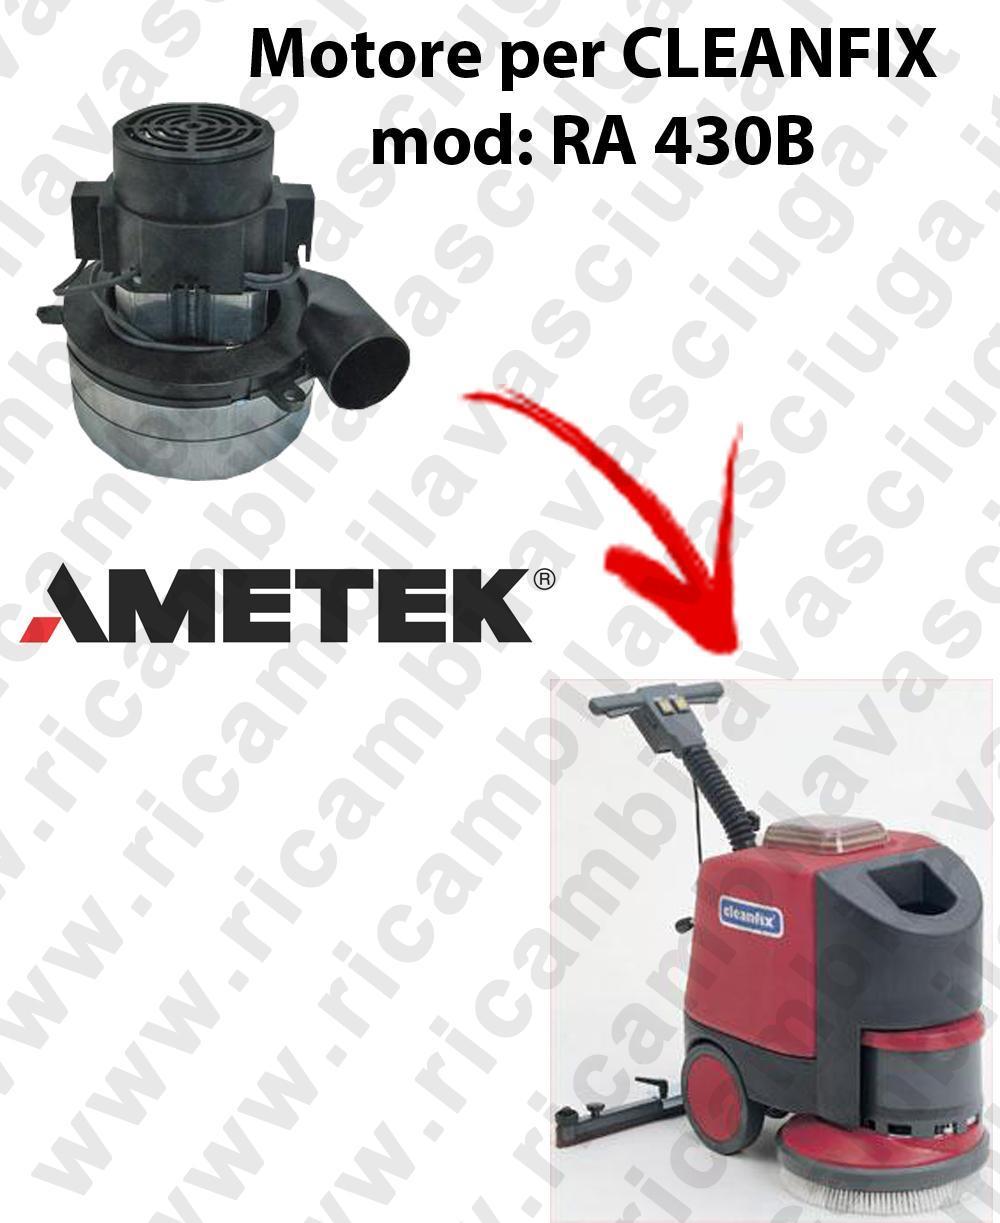 RA 430B Motore de aspiración Ametek Italia  para fregadora CLEANFIX